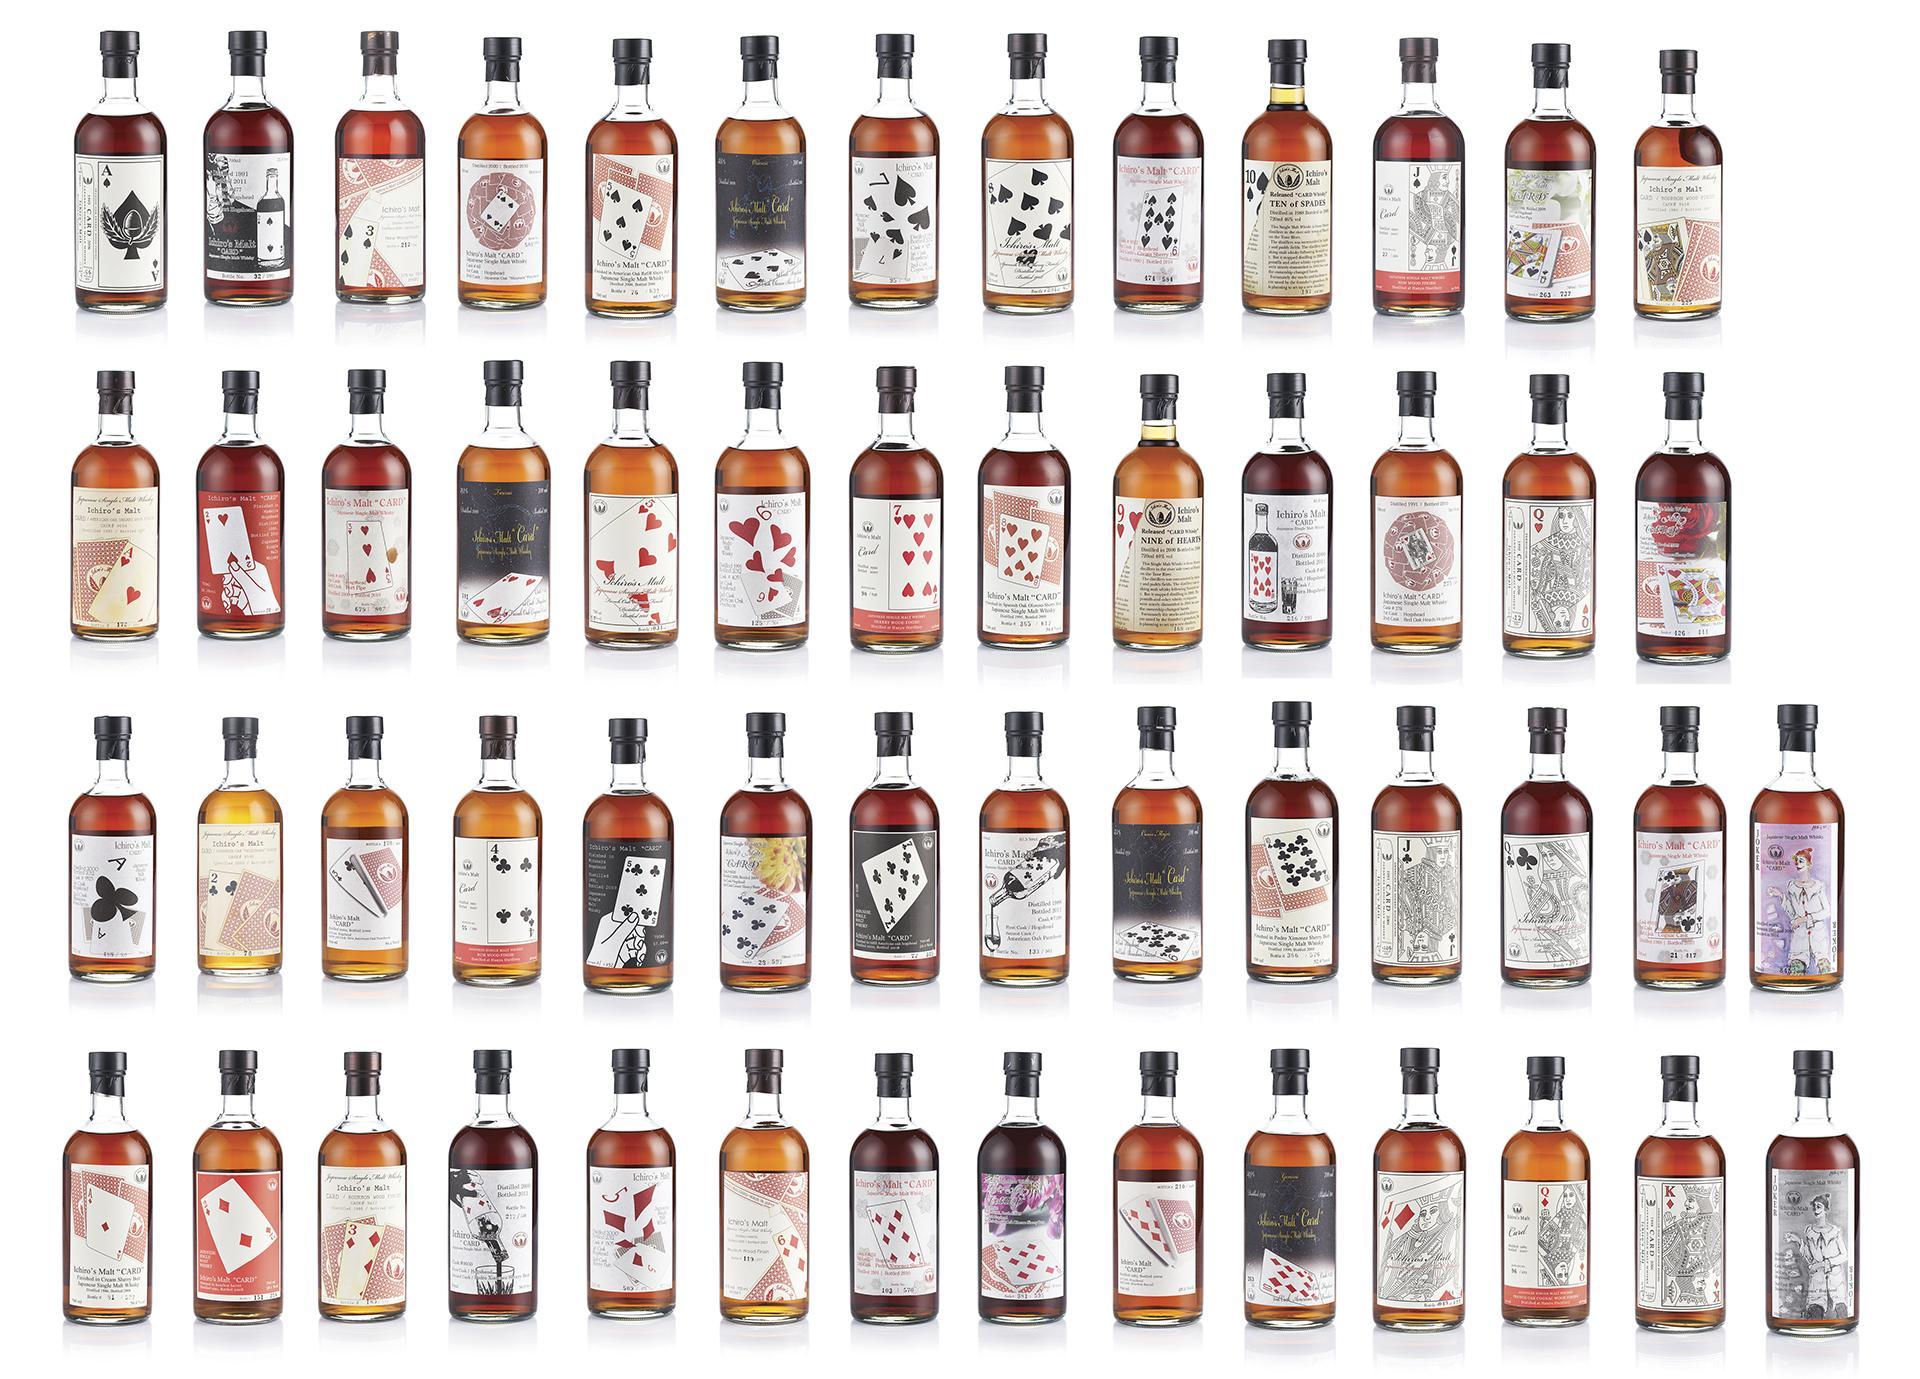 Hanyu Ichiro's Malt Full Cards Series